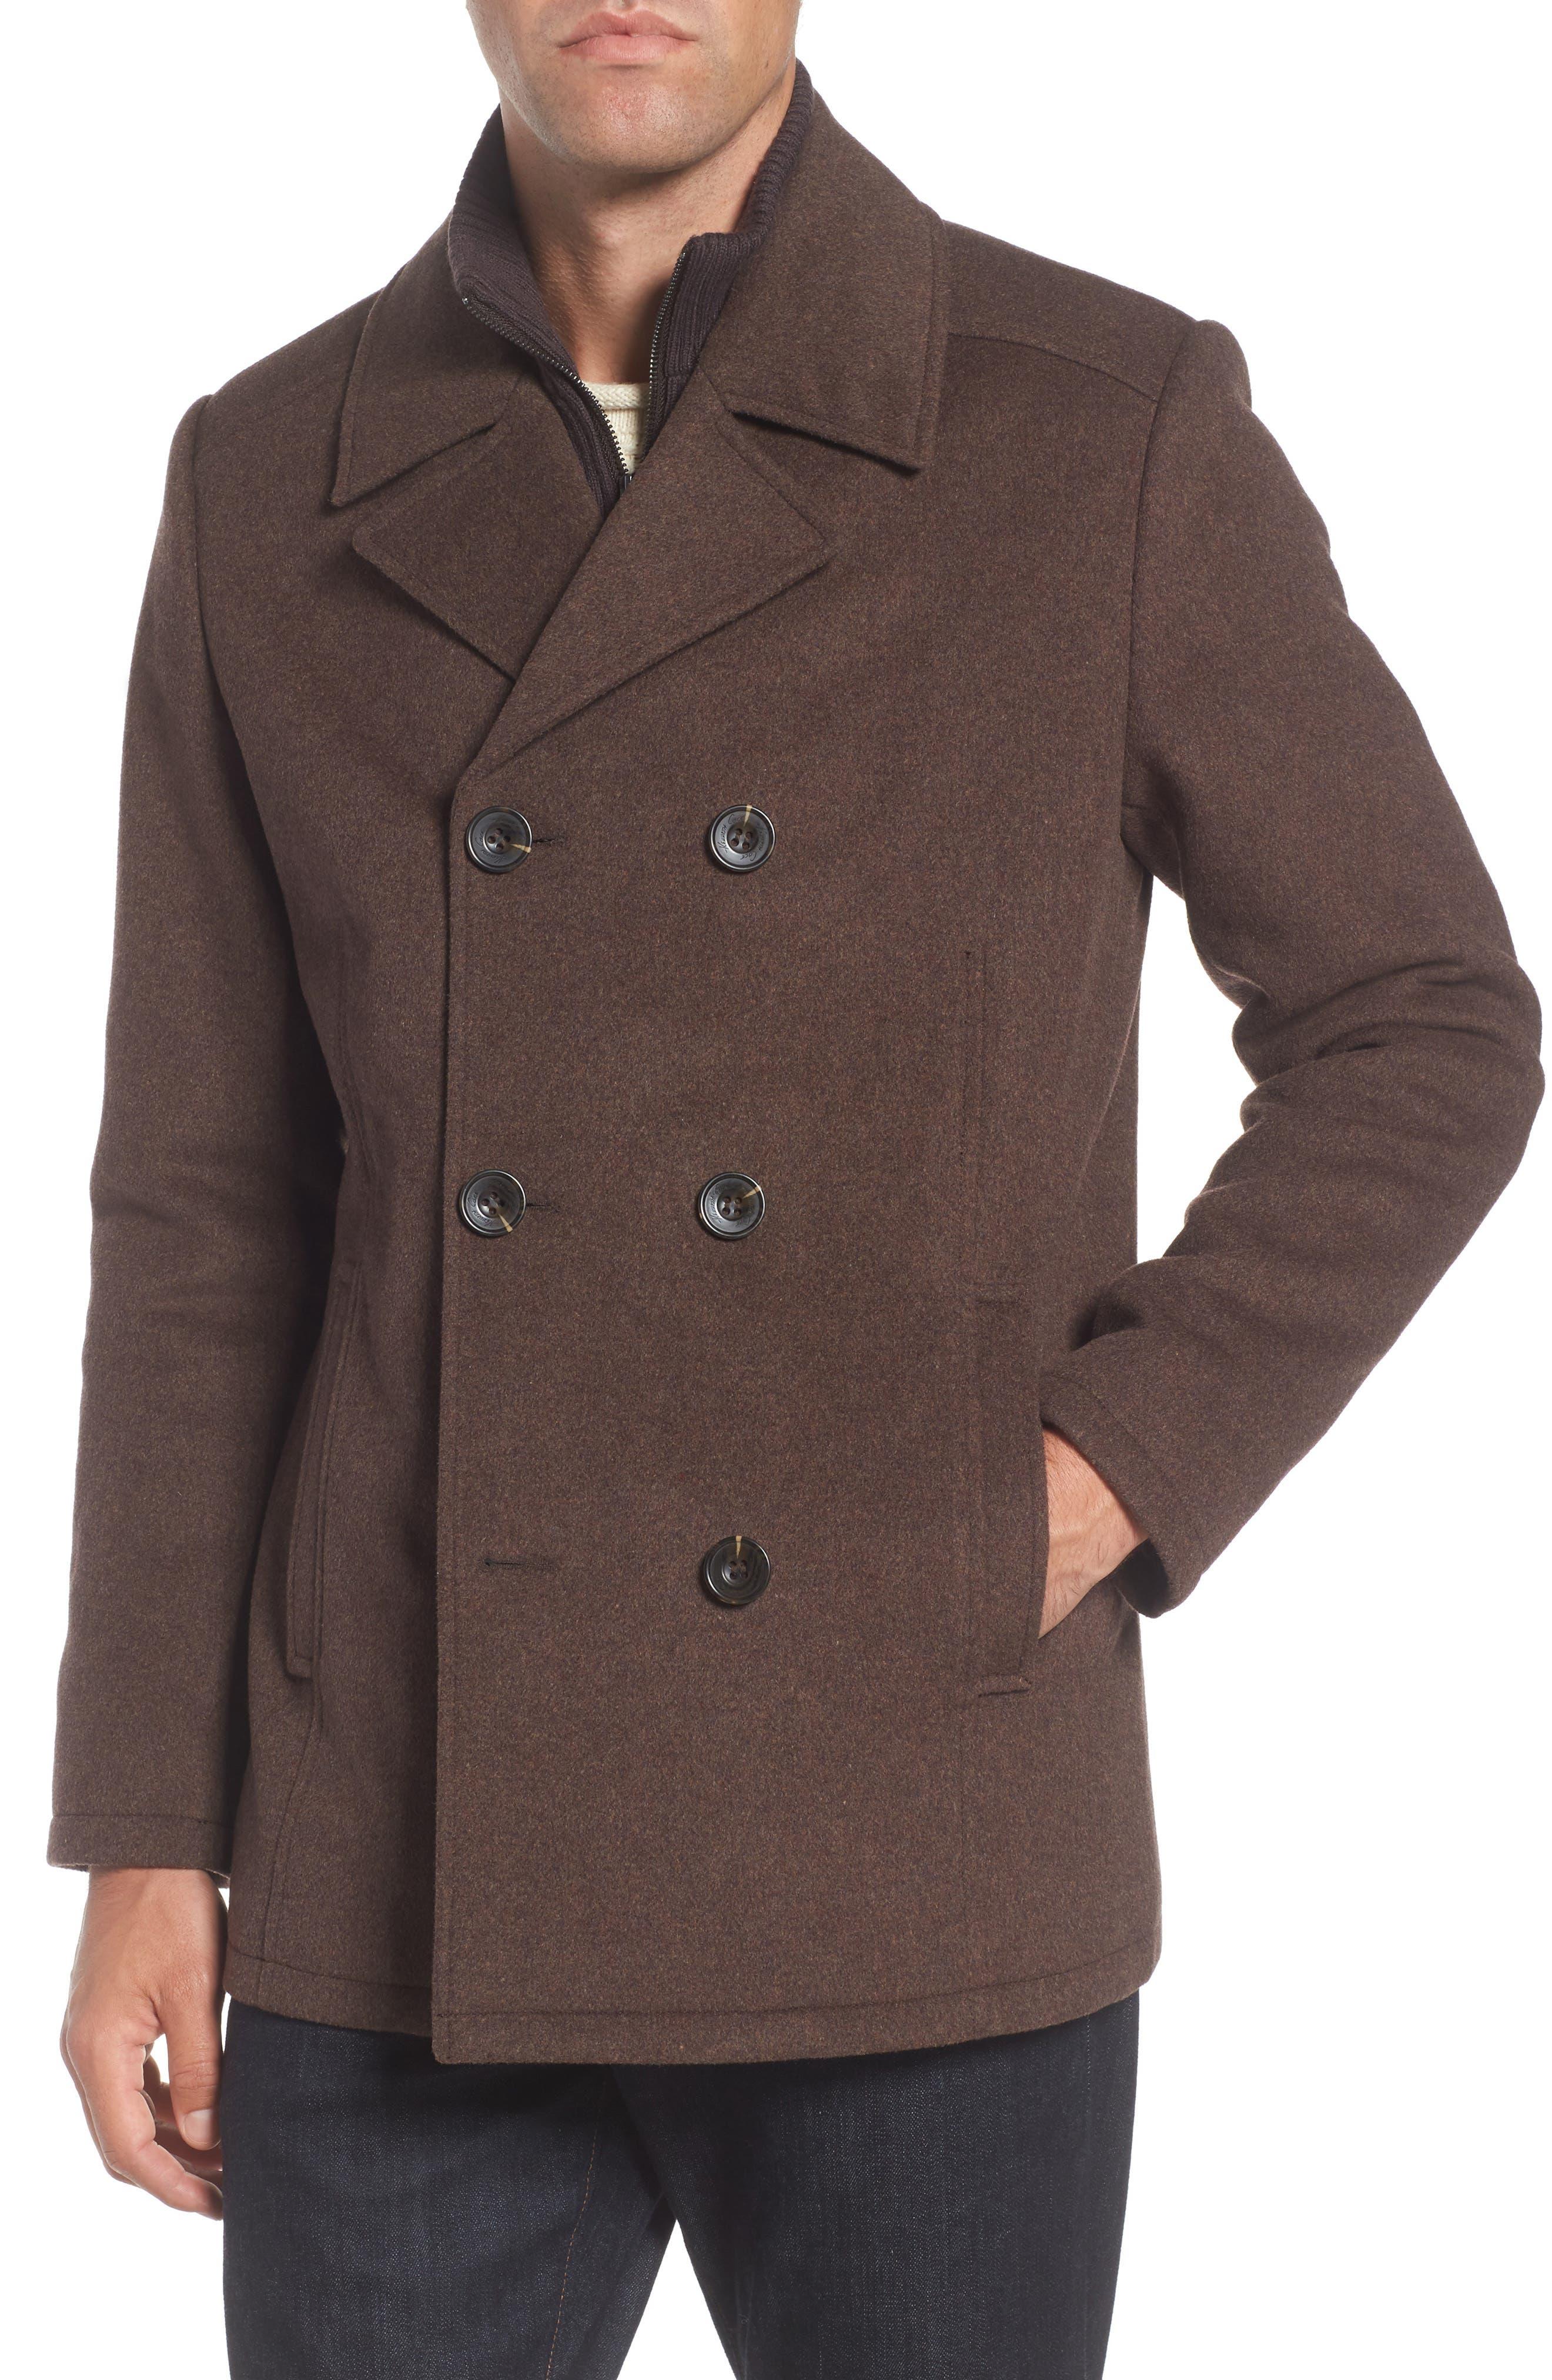 Wool Blend Peacoat,                         Main,                         color, Medium Brown